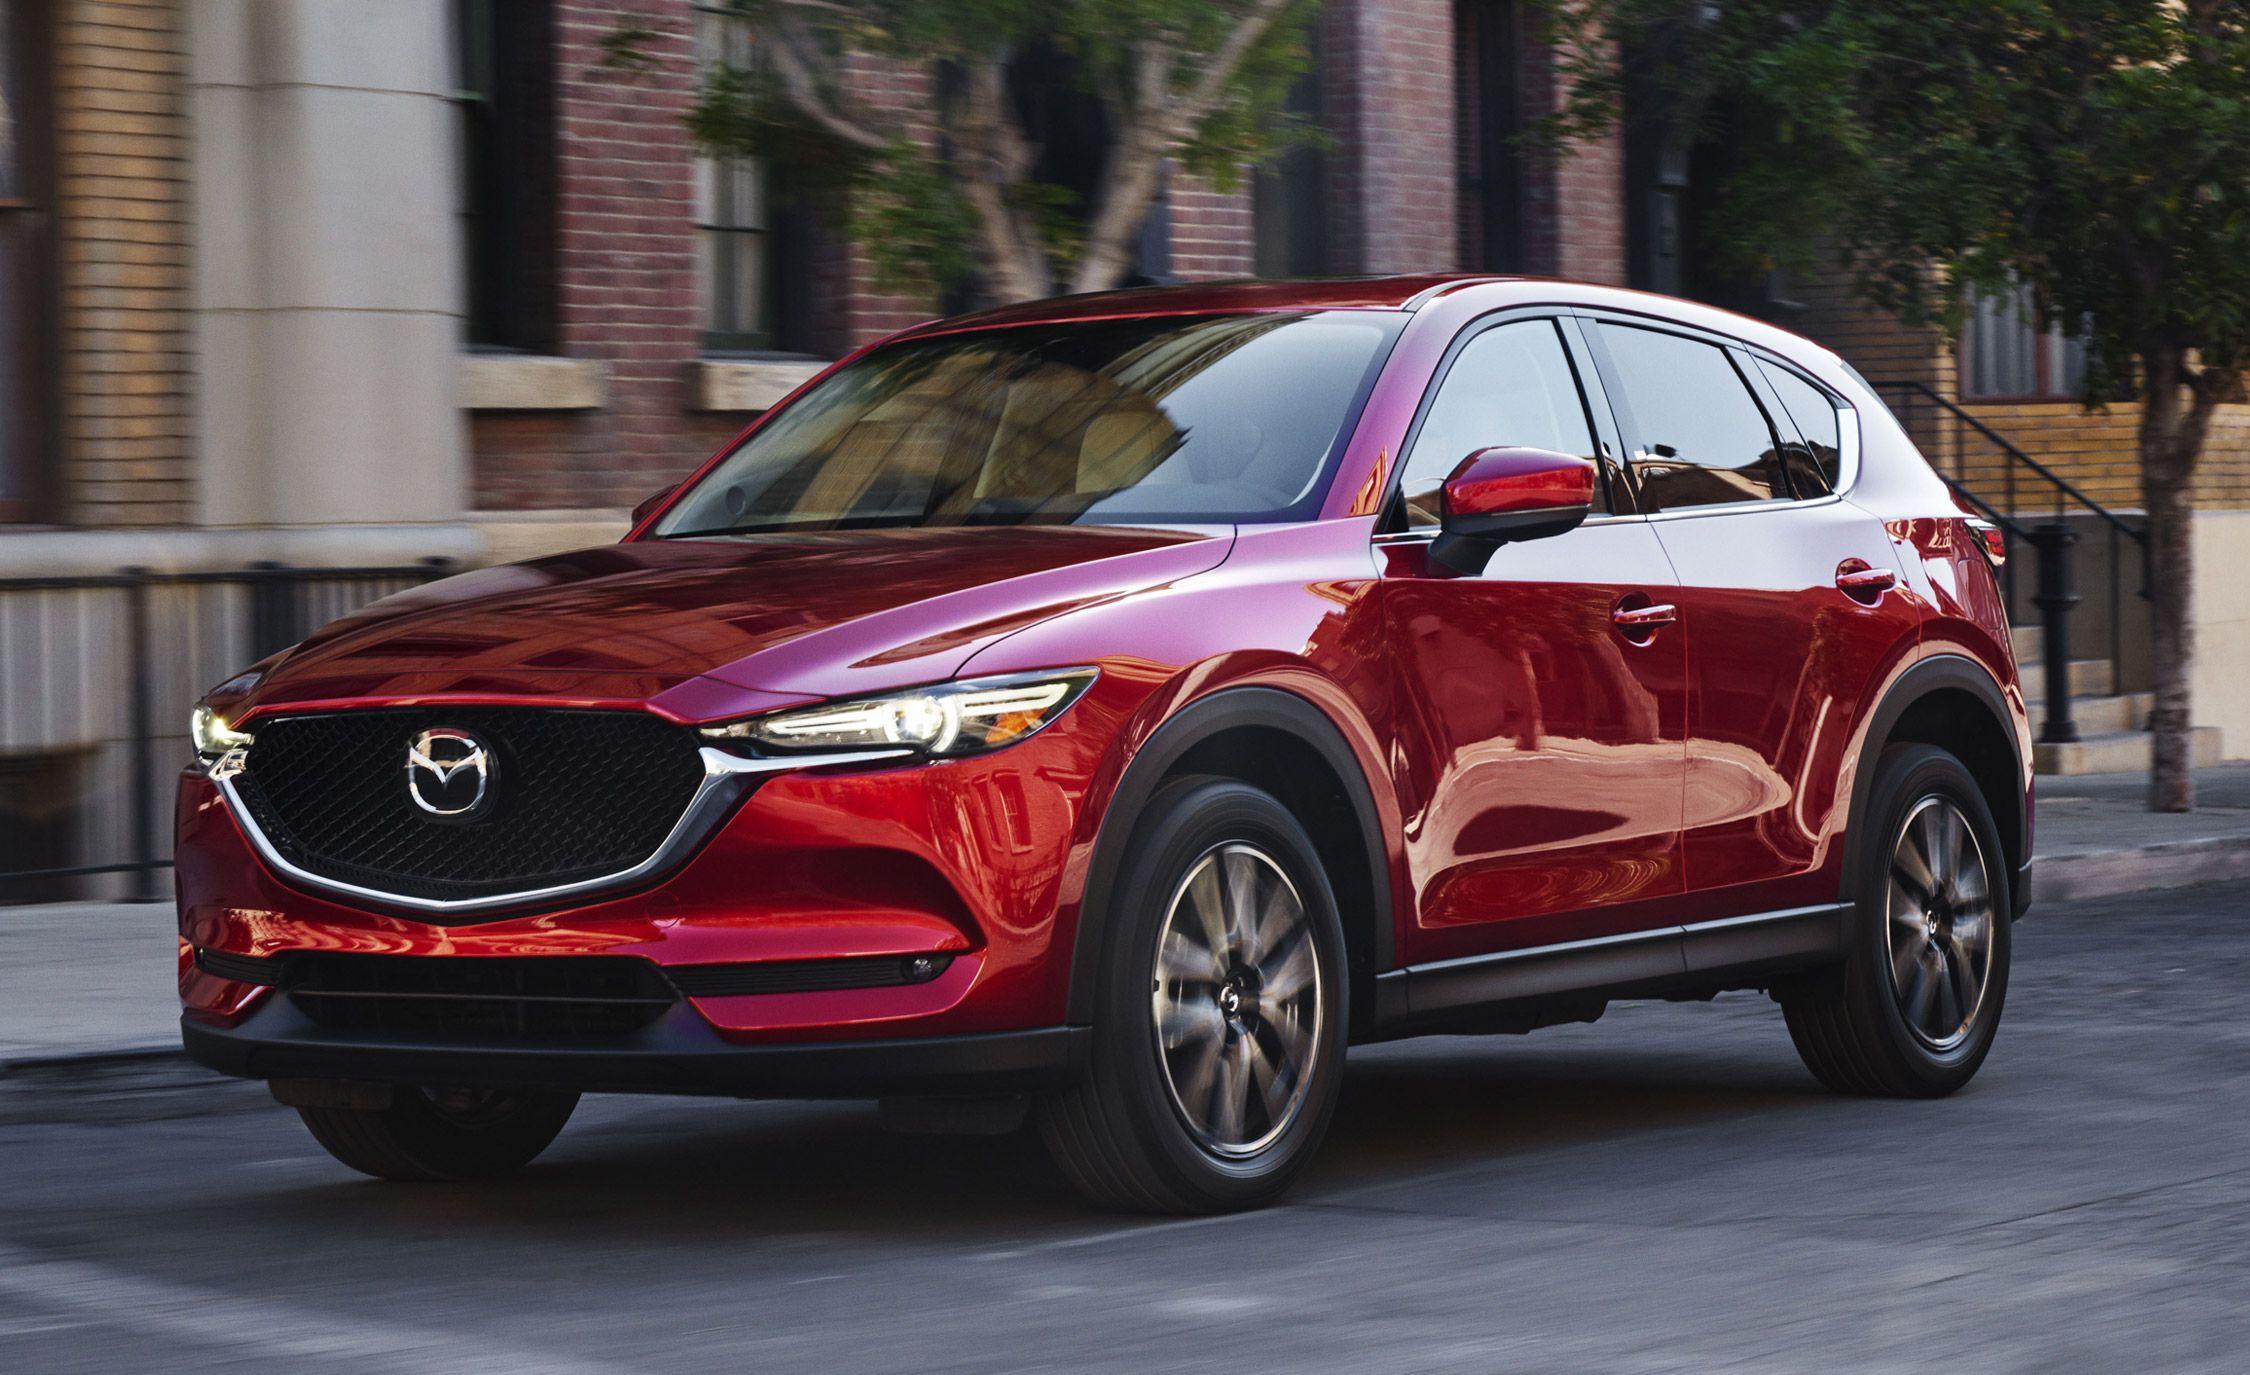 2018 Mazda CX 5 Redesign Concept – Whenever we talk about future